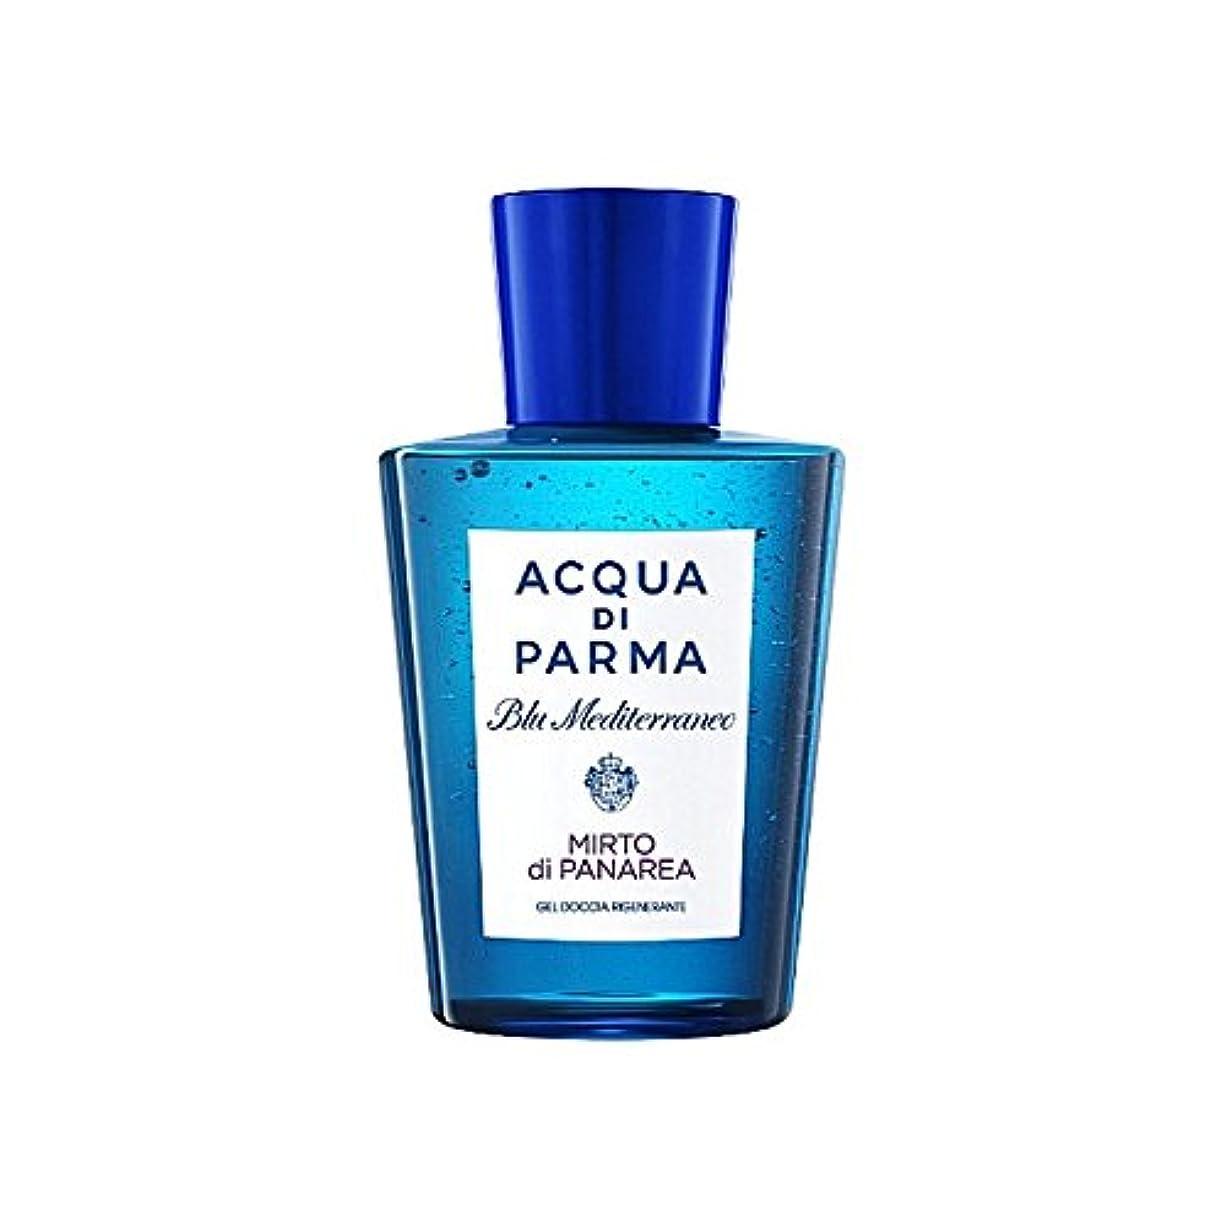 付けるガム測定可能アクアディパルマブルーメディミルトディパナレアシャワージェル200 x4 - Acqua Di Parma Blu Mediterraneo Mirto Di Panarea Shower Gel 200ml (Pack of 4) [並行輸入品]